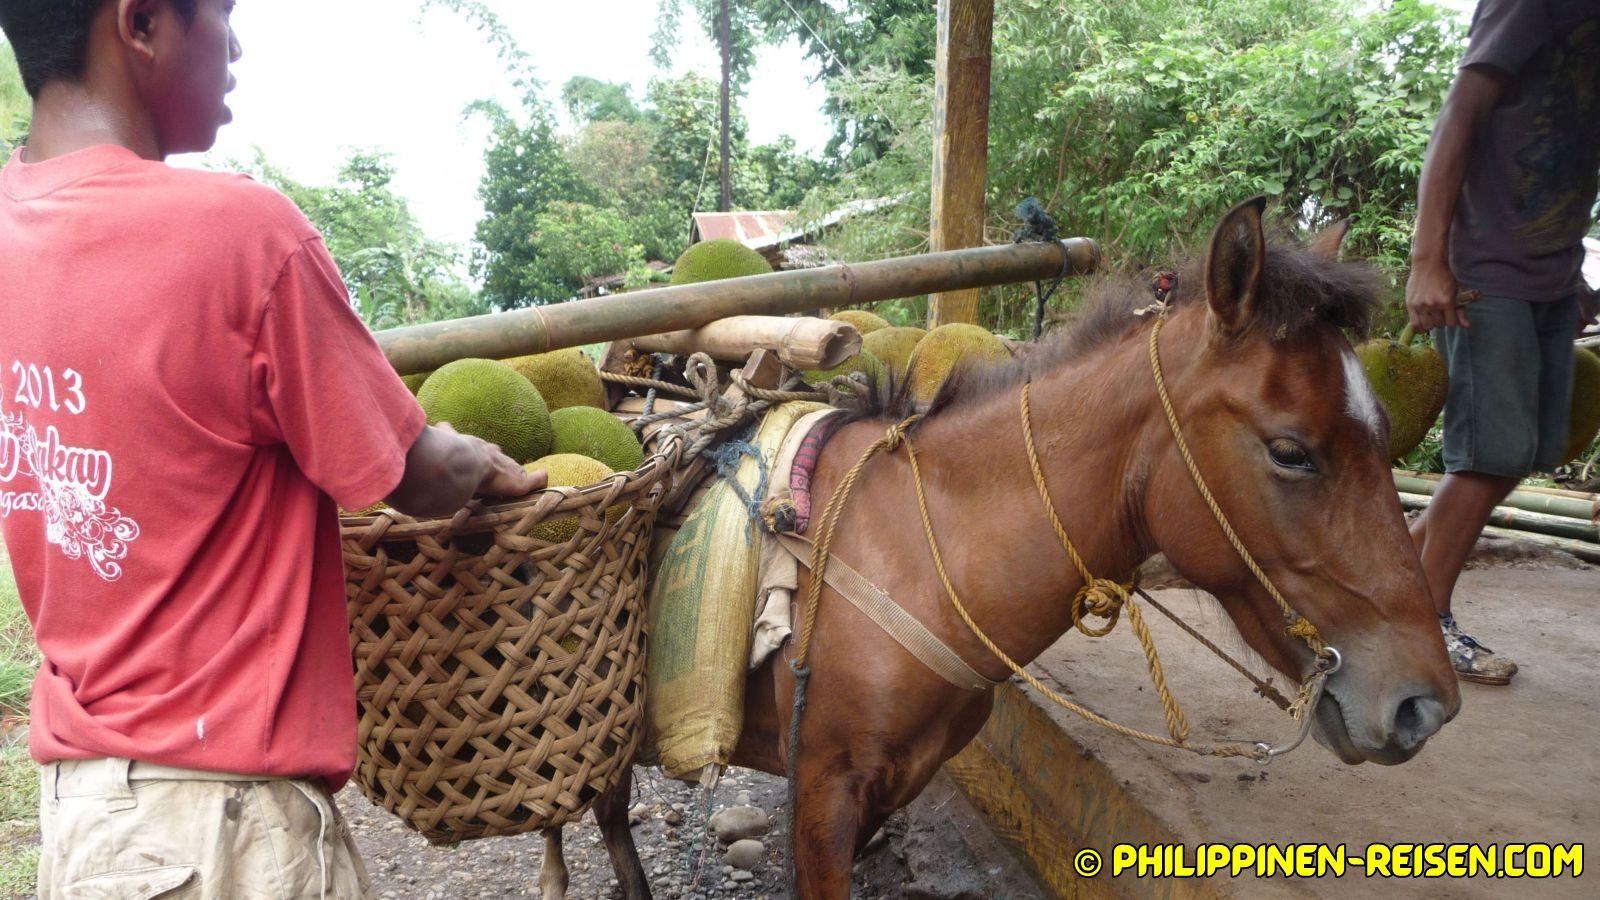 PHILIPPINEN BLOG - Vorher und nachher in den Bergen von Balingasag Foto von Sir Dieter Sokoll für PHILIPPINEN MAGAZIN